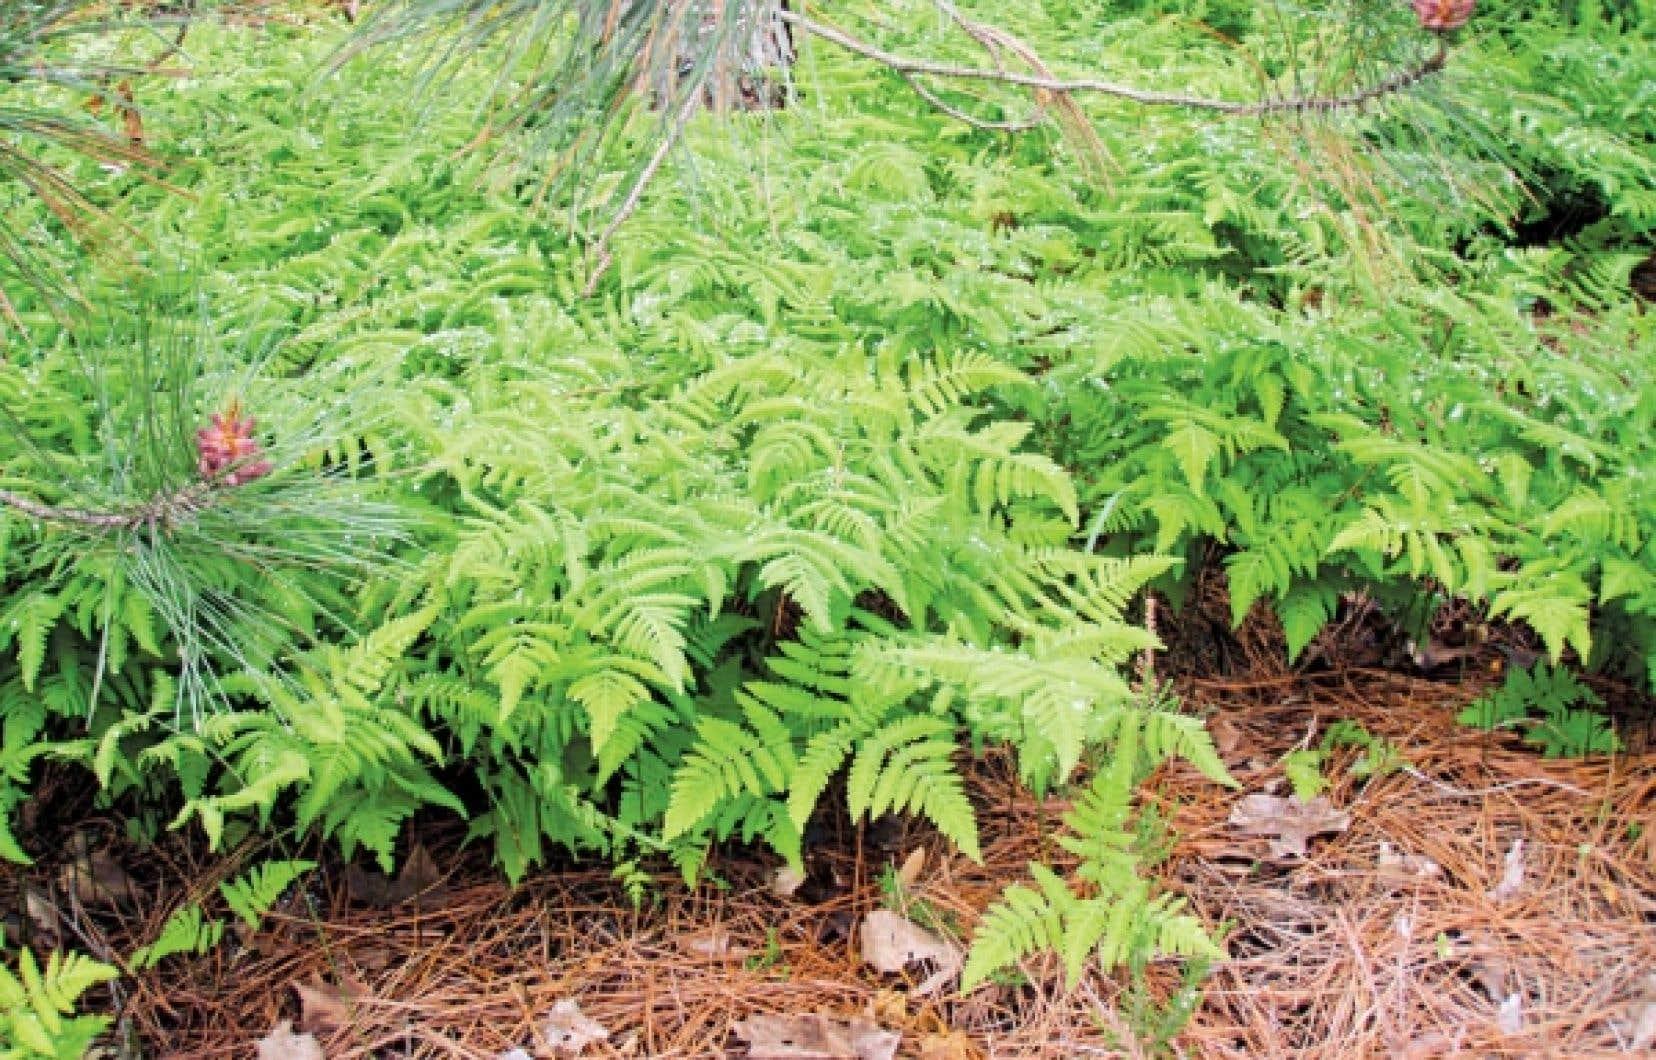 La Gymnocarpium dryopteris tol&egrave;re les sols secs, rocheux et sablonneux et cro&icirc;t bien sous les conif&egrave;res. <br />